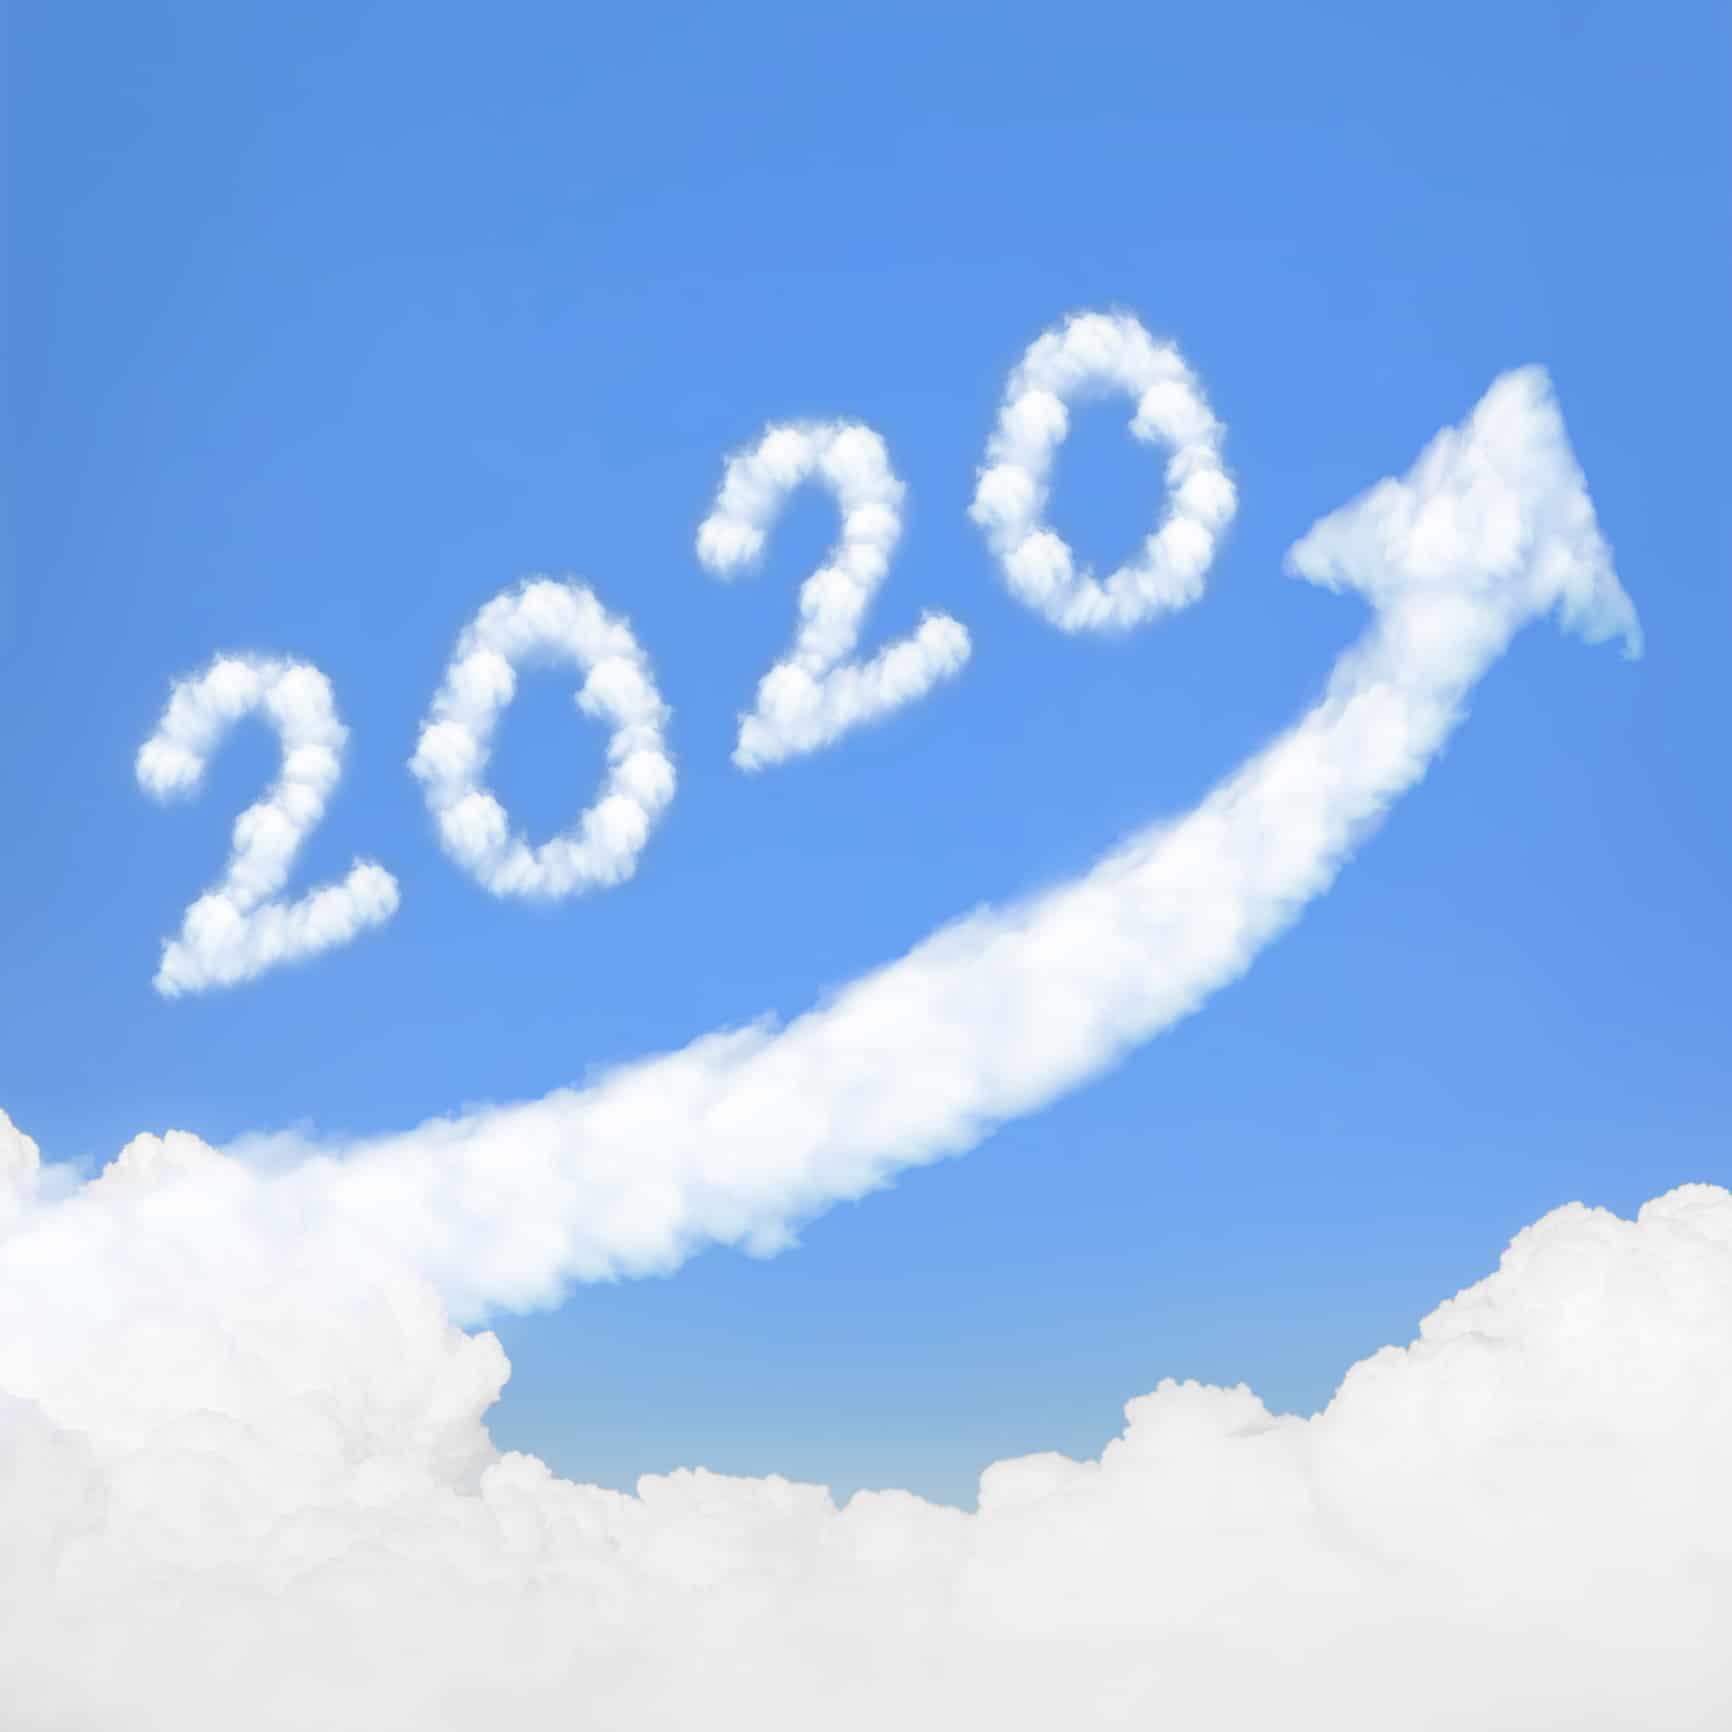 2020-cloud